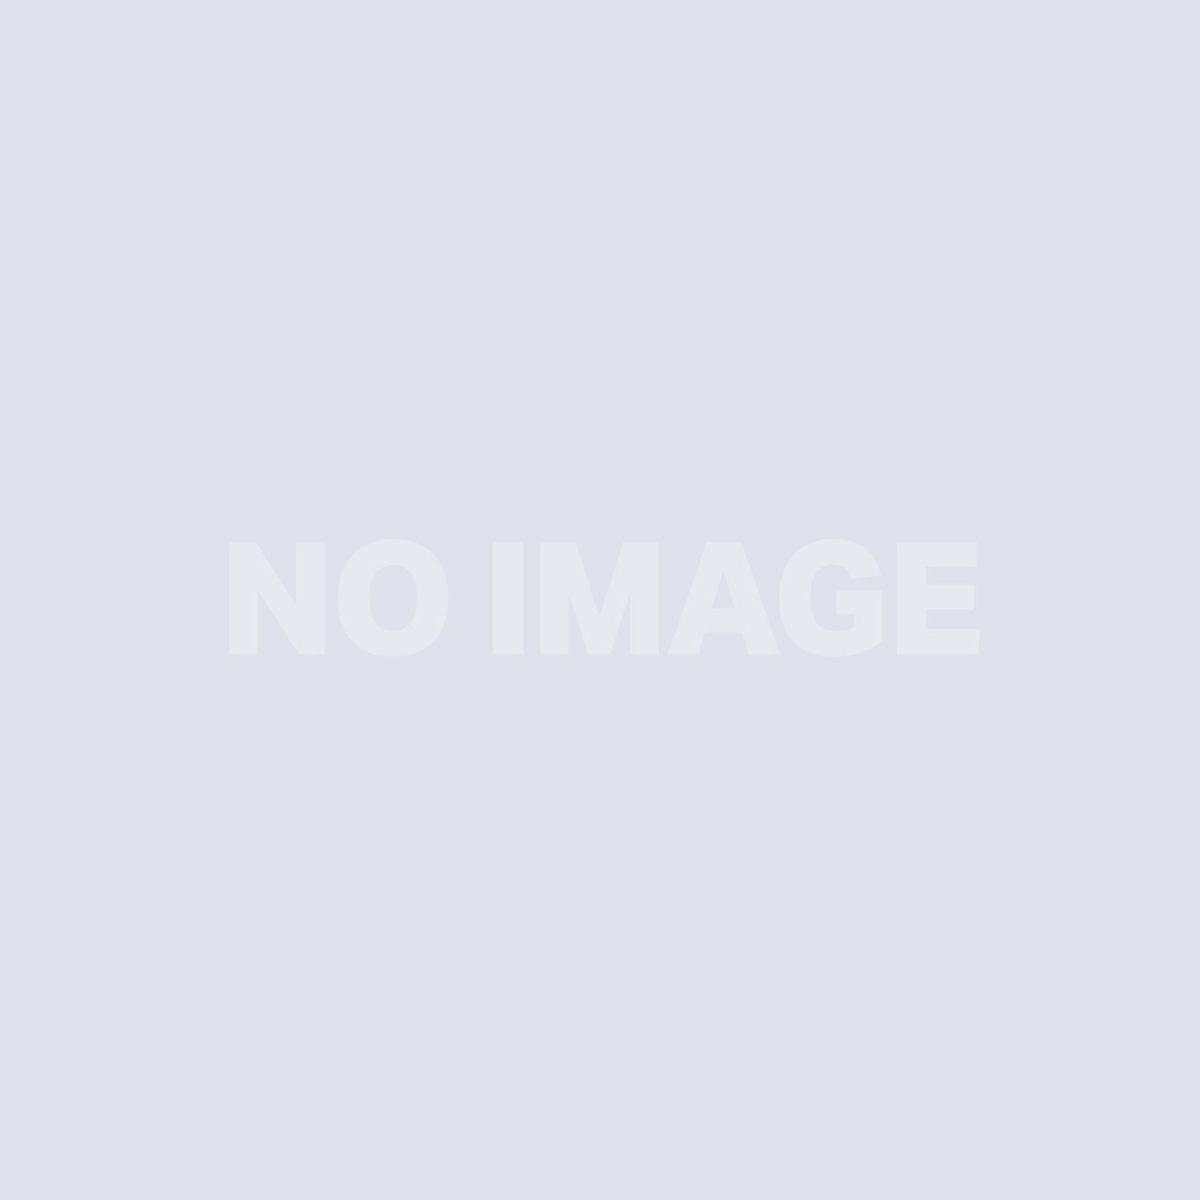 125/27 Grey Rubber Single Bolt Swivel Castor & Brake